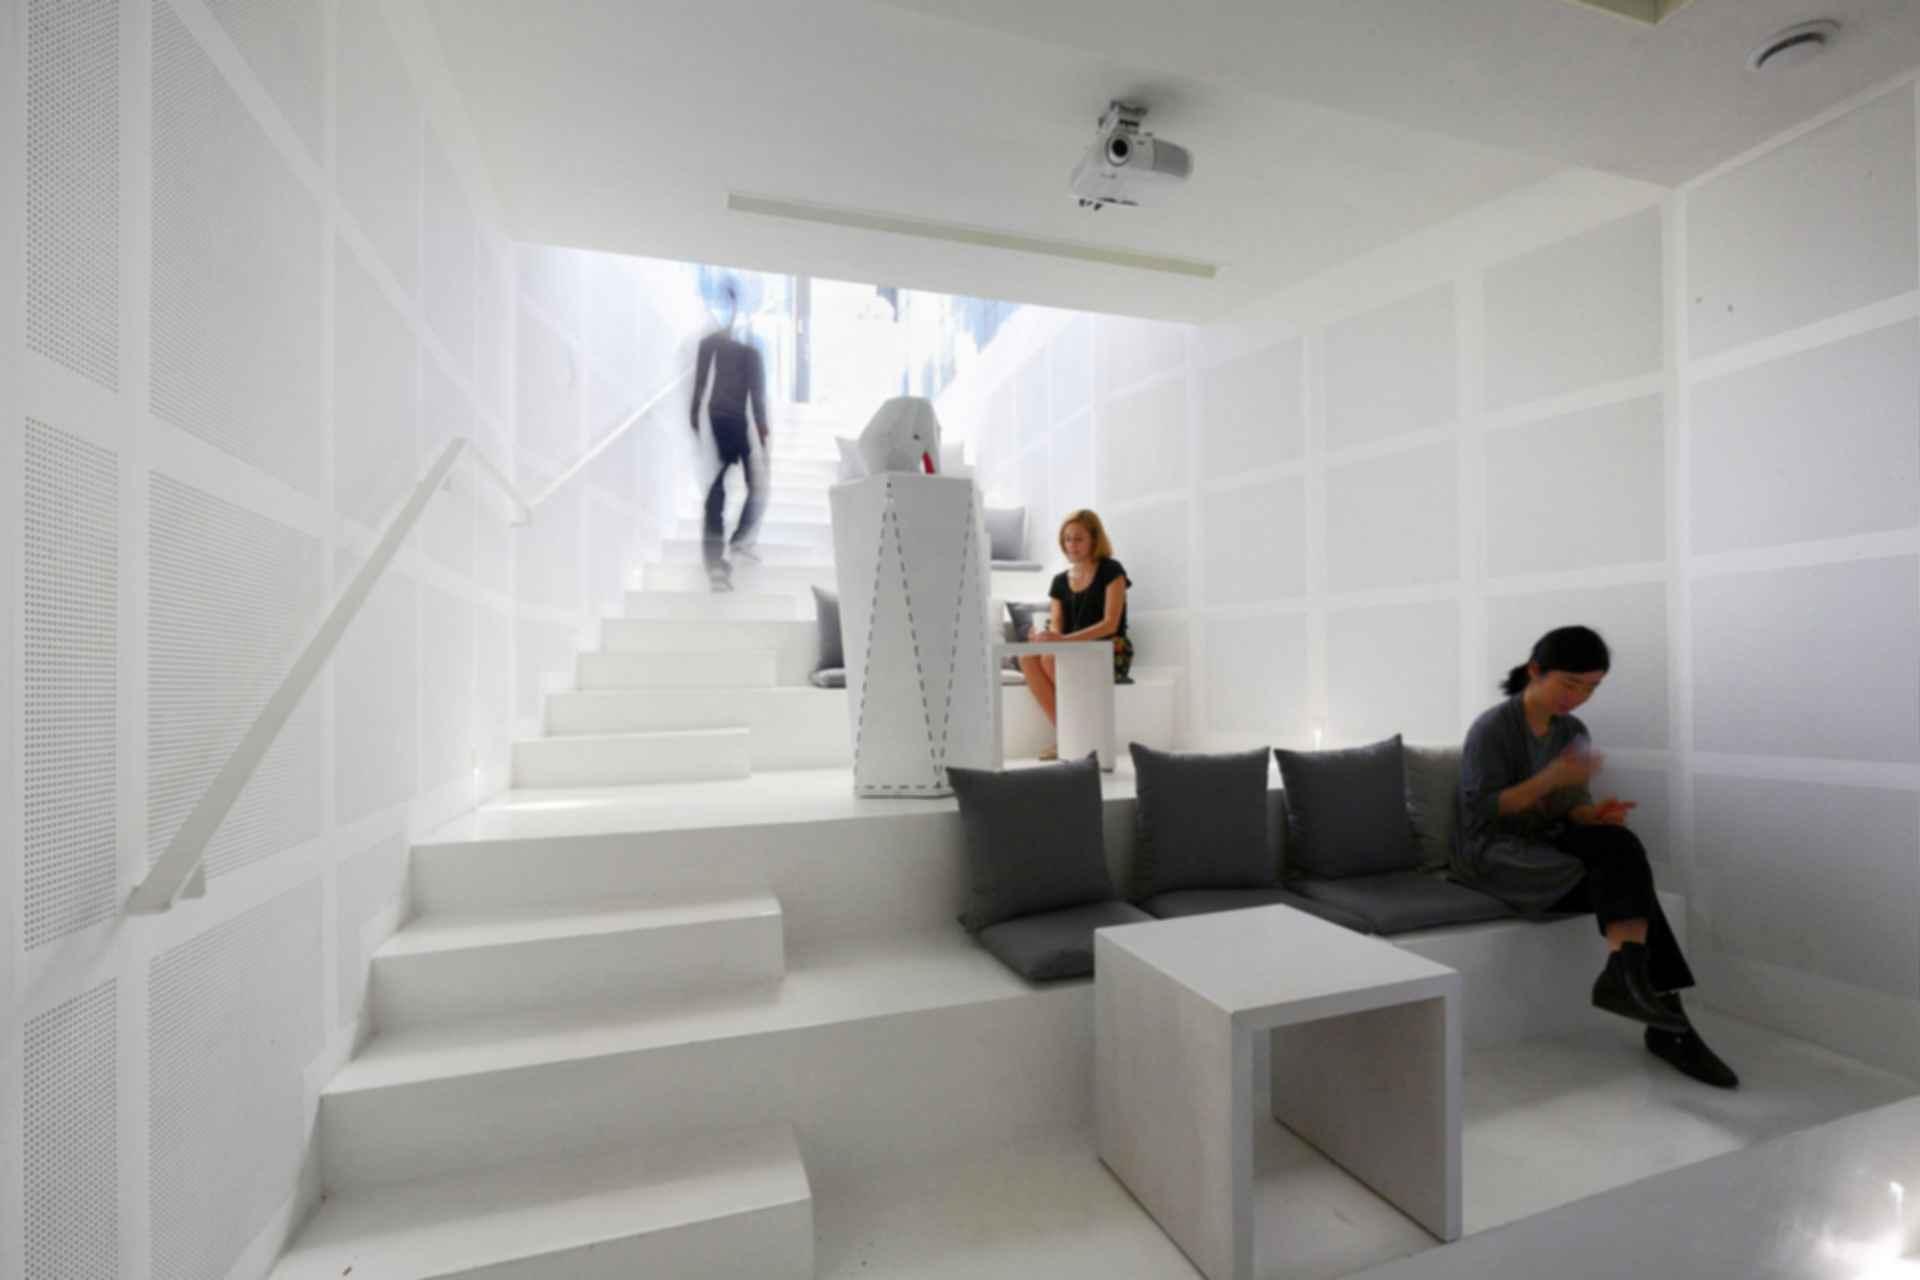 Songpa Micro Housing - Interior/Stairs